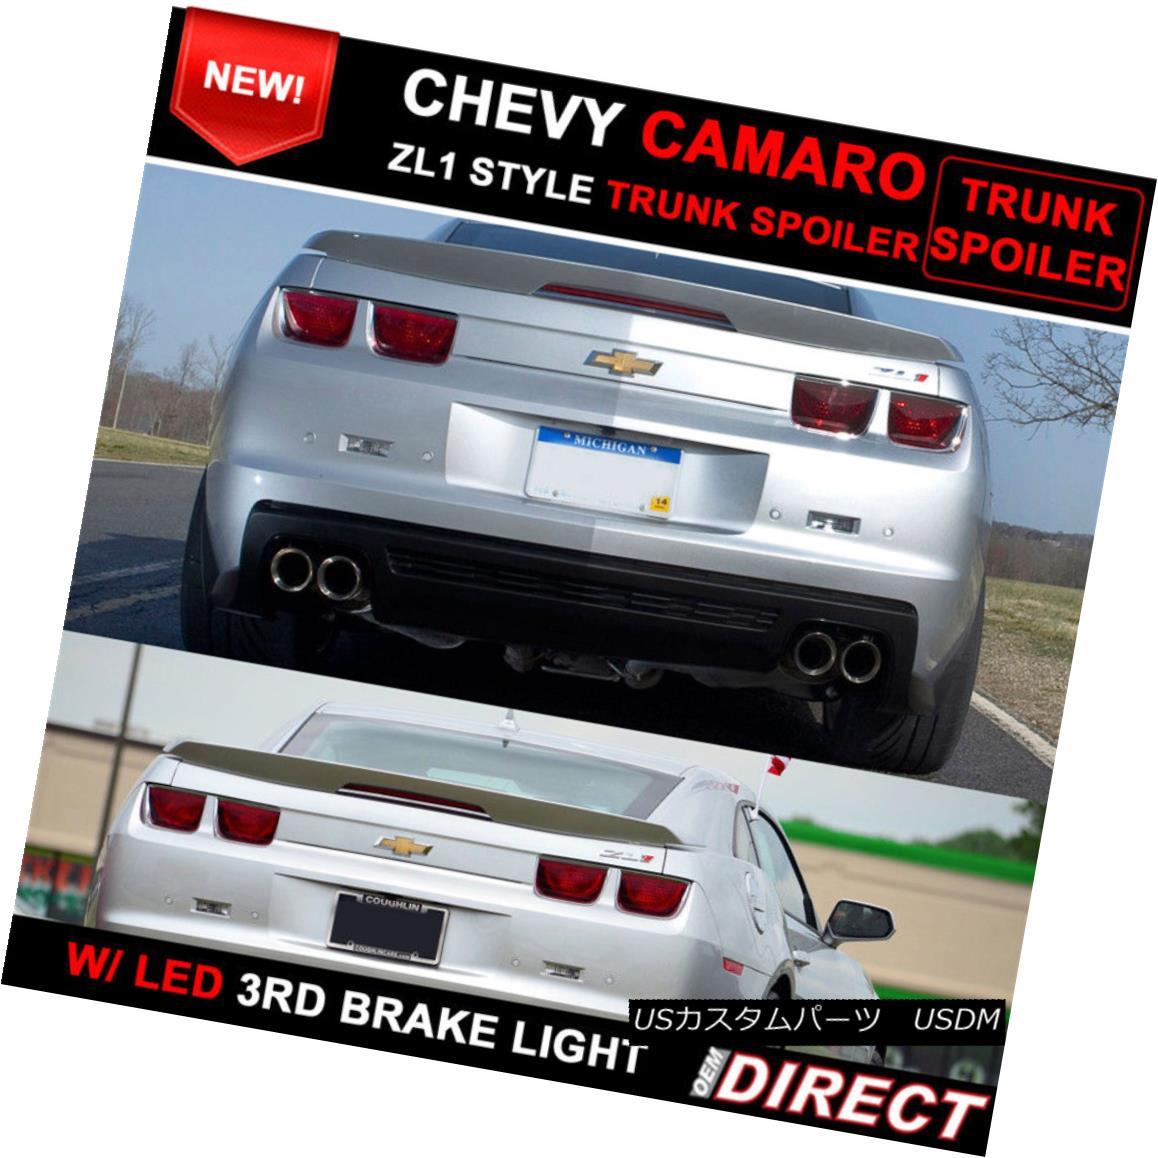 エアロパーツ 10-13 Chevrolet Camaro ZL1 Style Trunk Spoiler Painted Silver Ice WA636R 10-13シボレーカマロZL1スタイルのトランク・スポイラー、シルバー・アイスを描いたWA636R